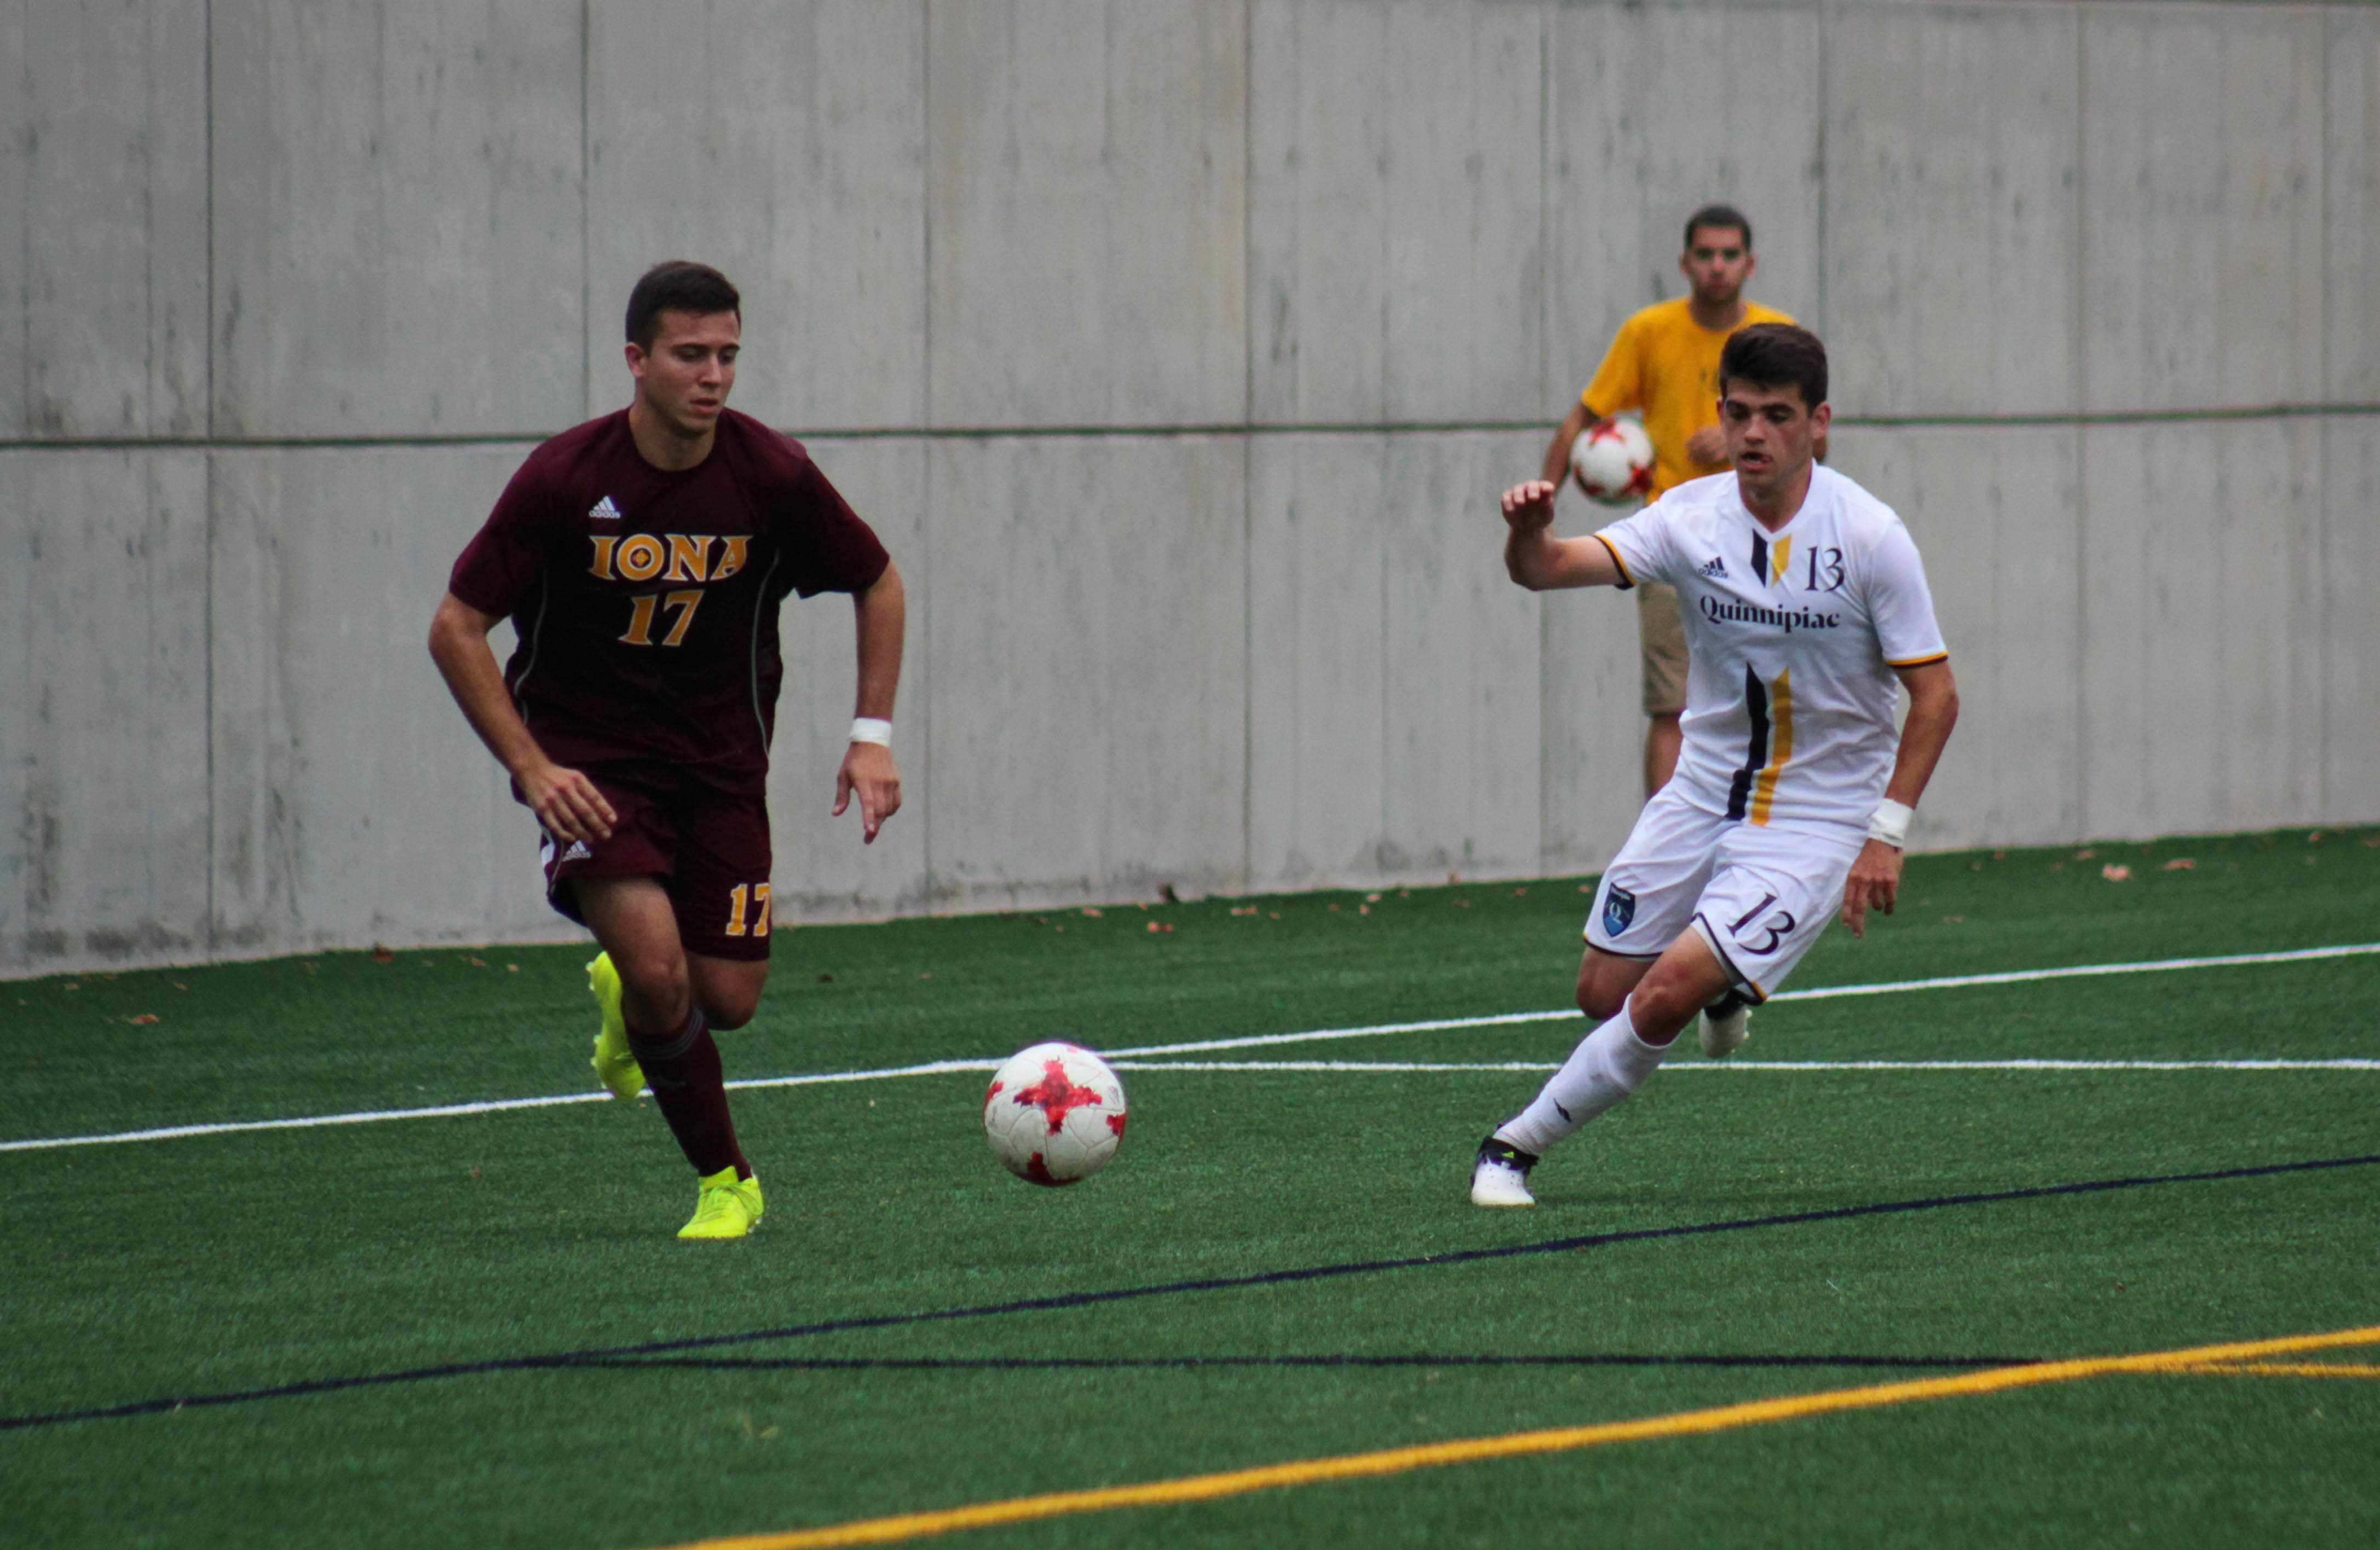 Quinnipiac men's soccer falls 1-0 to Iona